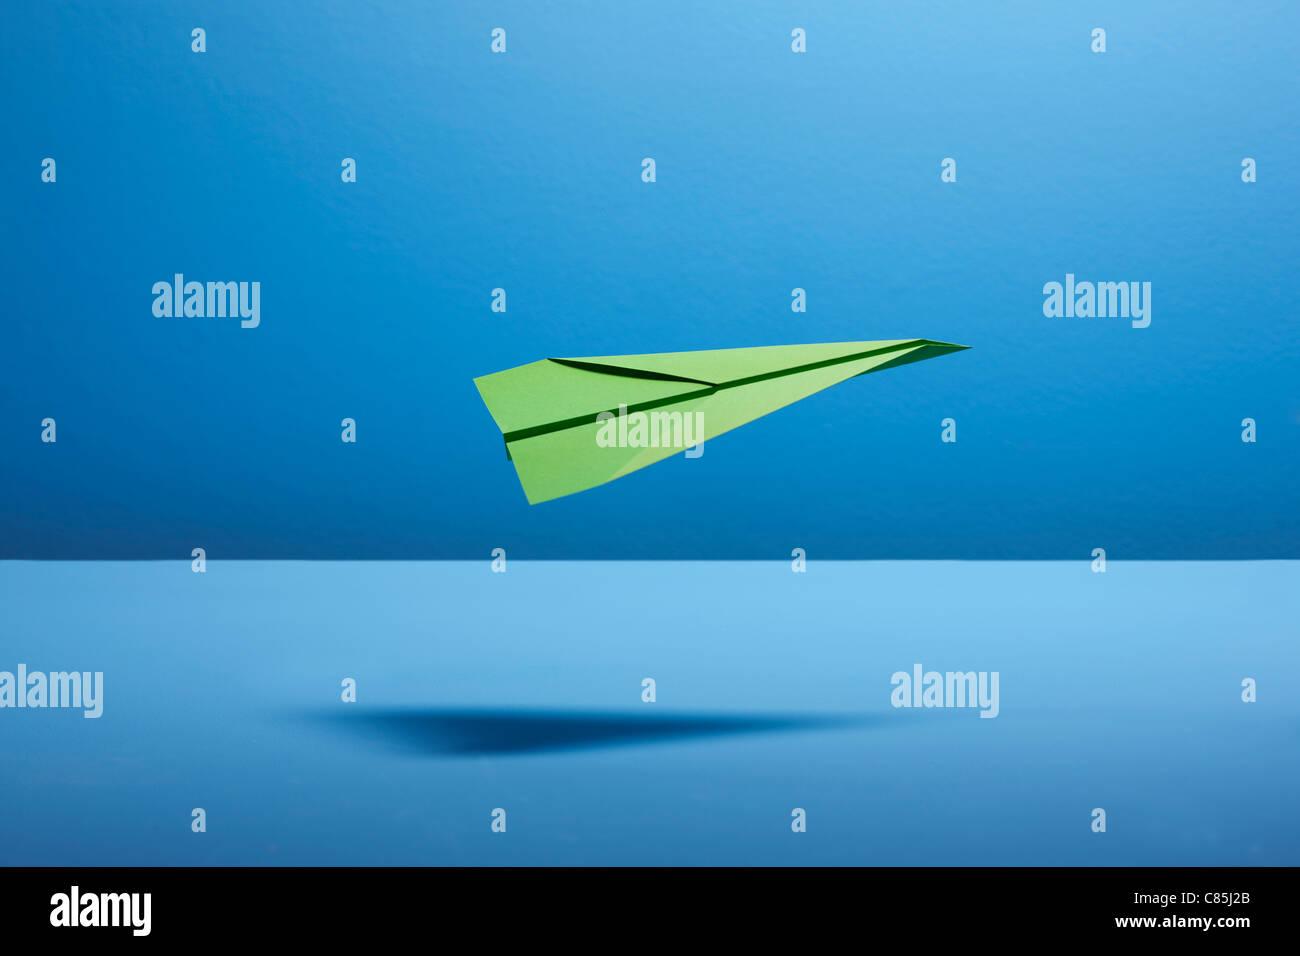 Avión de papel contra el fondo gris Imagen De Stock